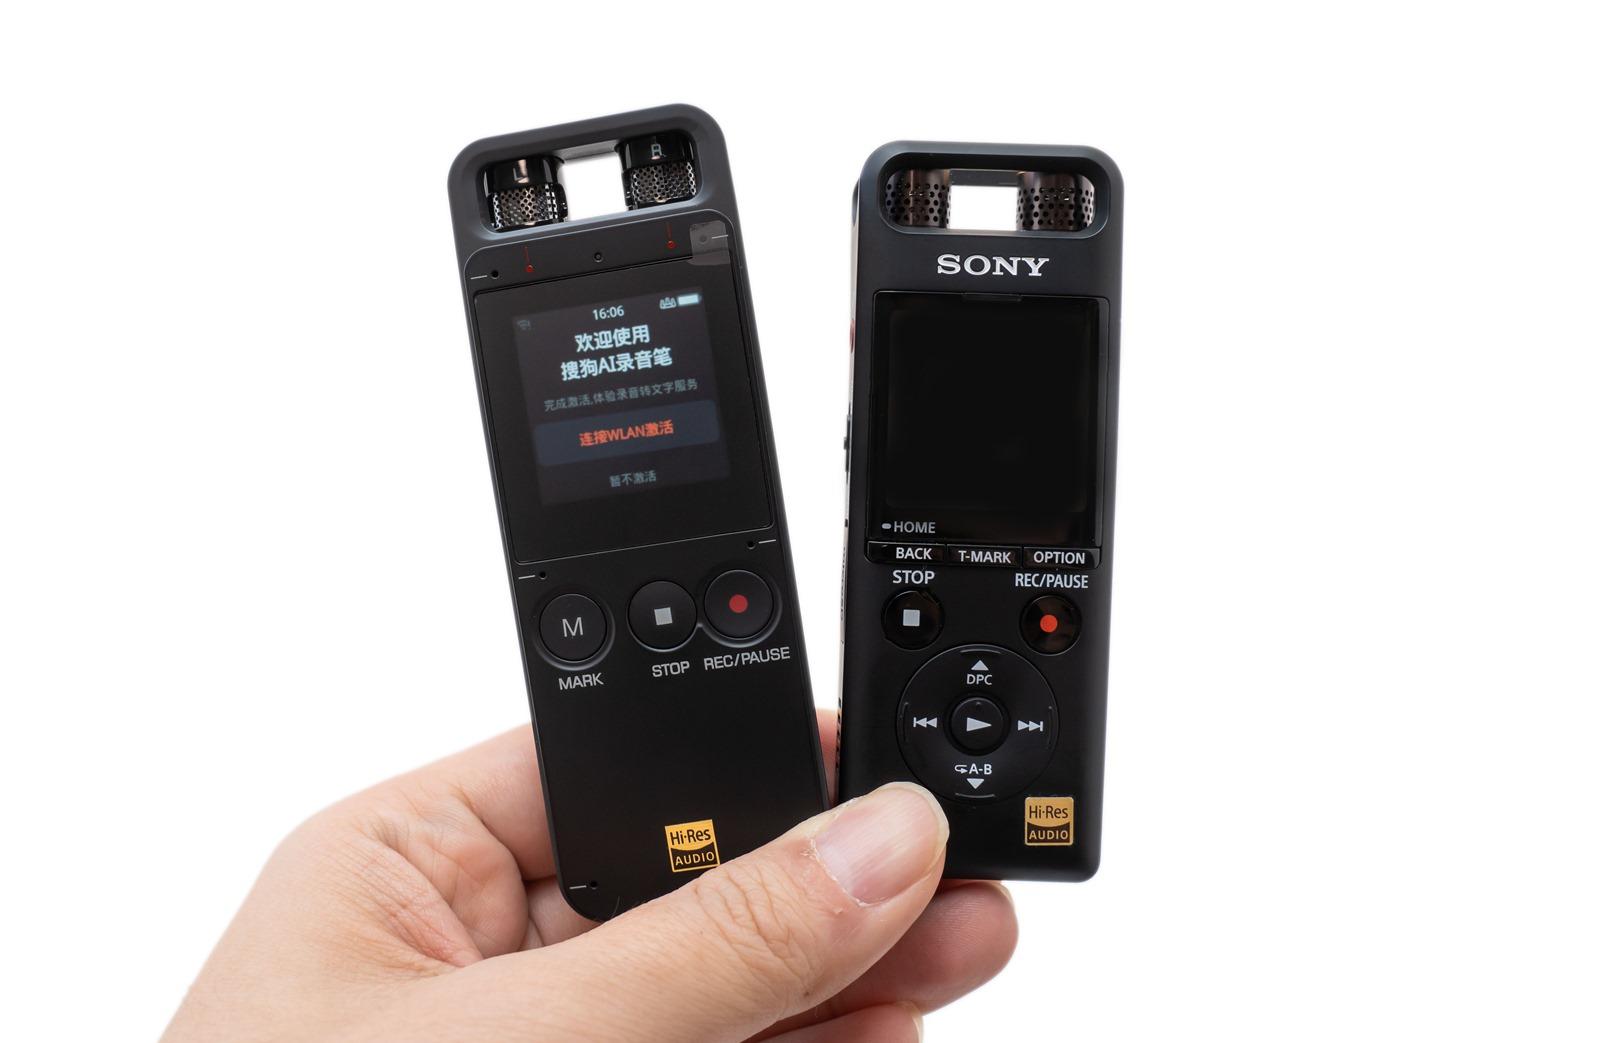 【開箱】錄音音質比對測試|搜狗Sogou E1智能錄音筆vs.SONY藍芽數位錄音筆A10